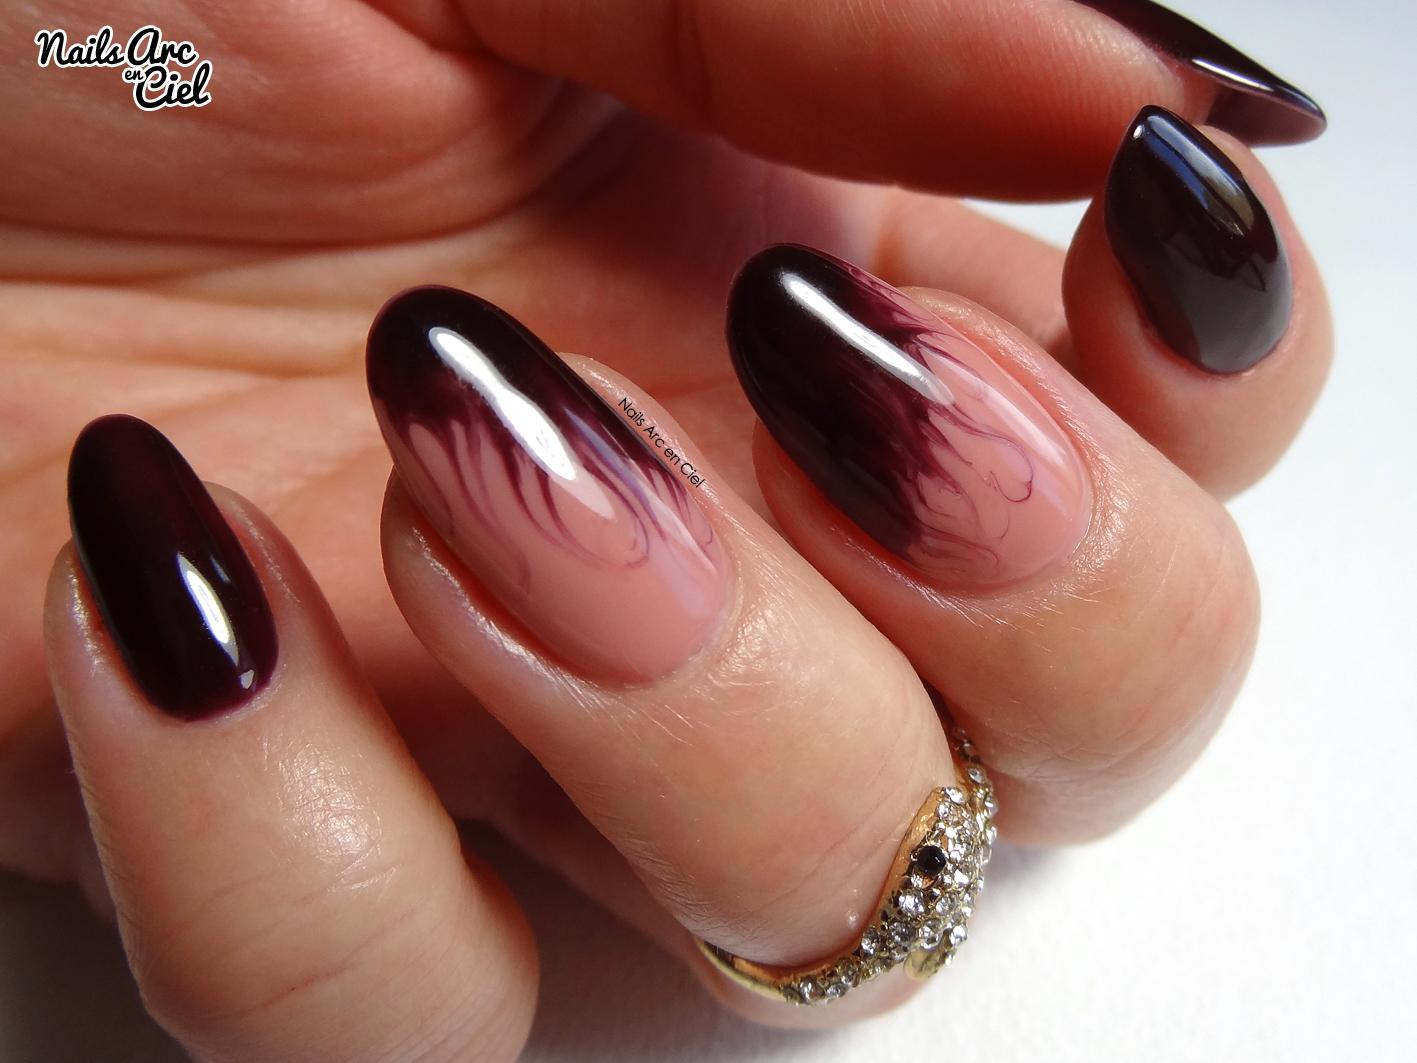 Extrêmement Nails Arc-en-ciel: Nail art - Effet flammes en vernis semi-permanent LO73